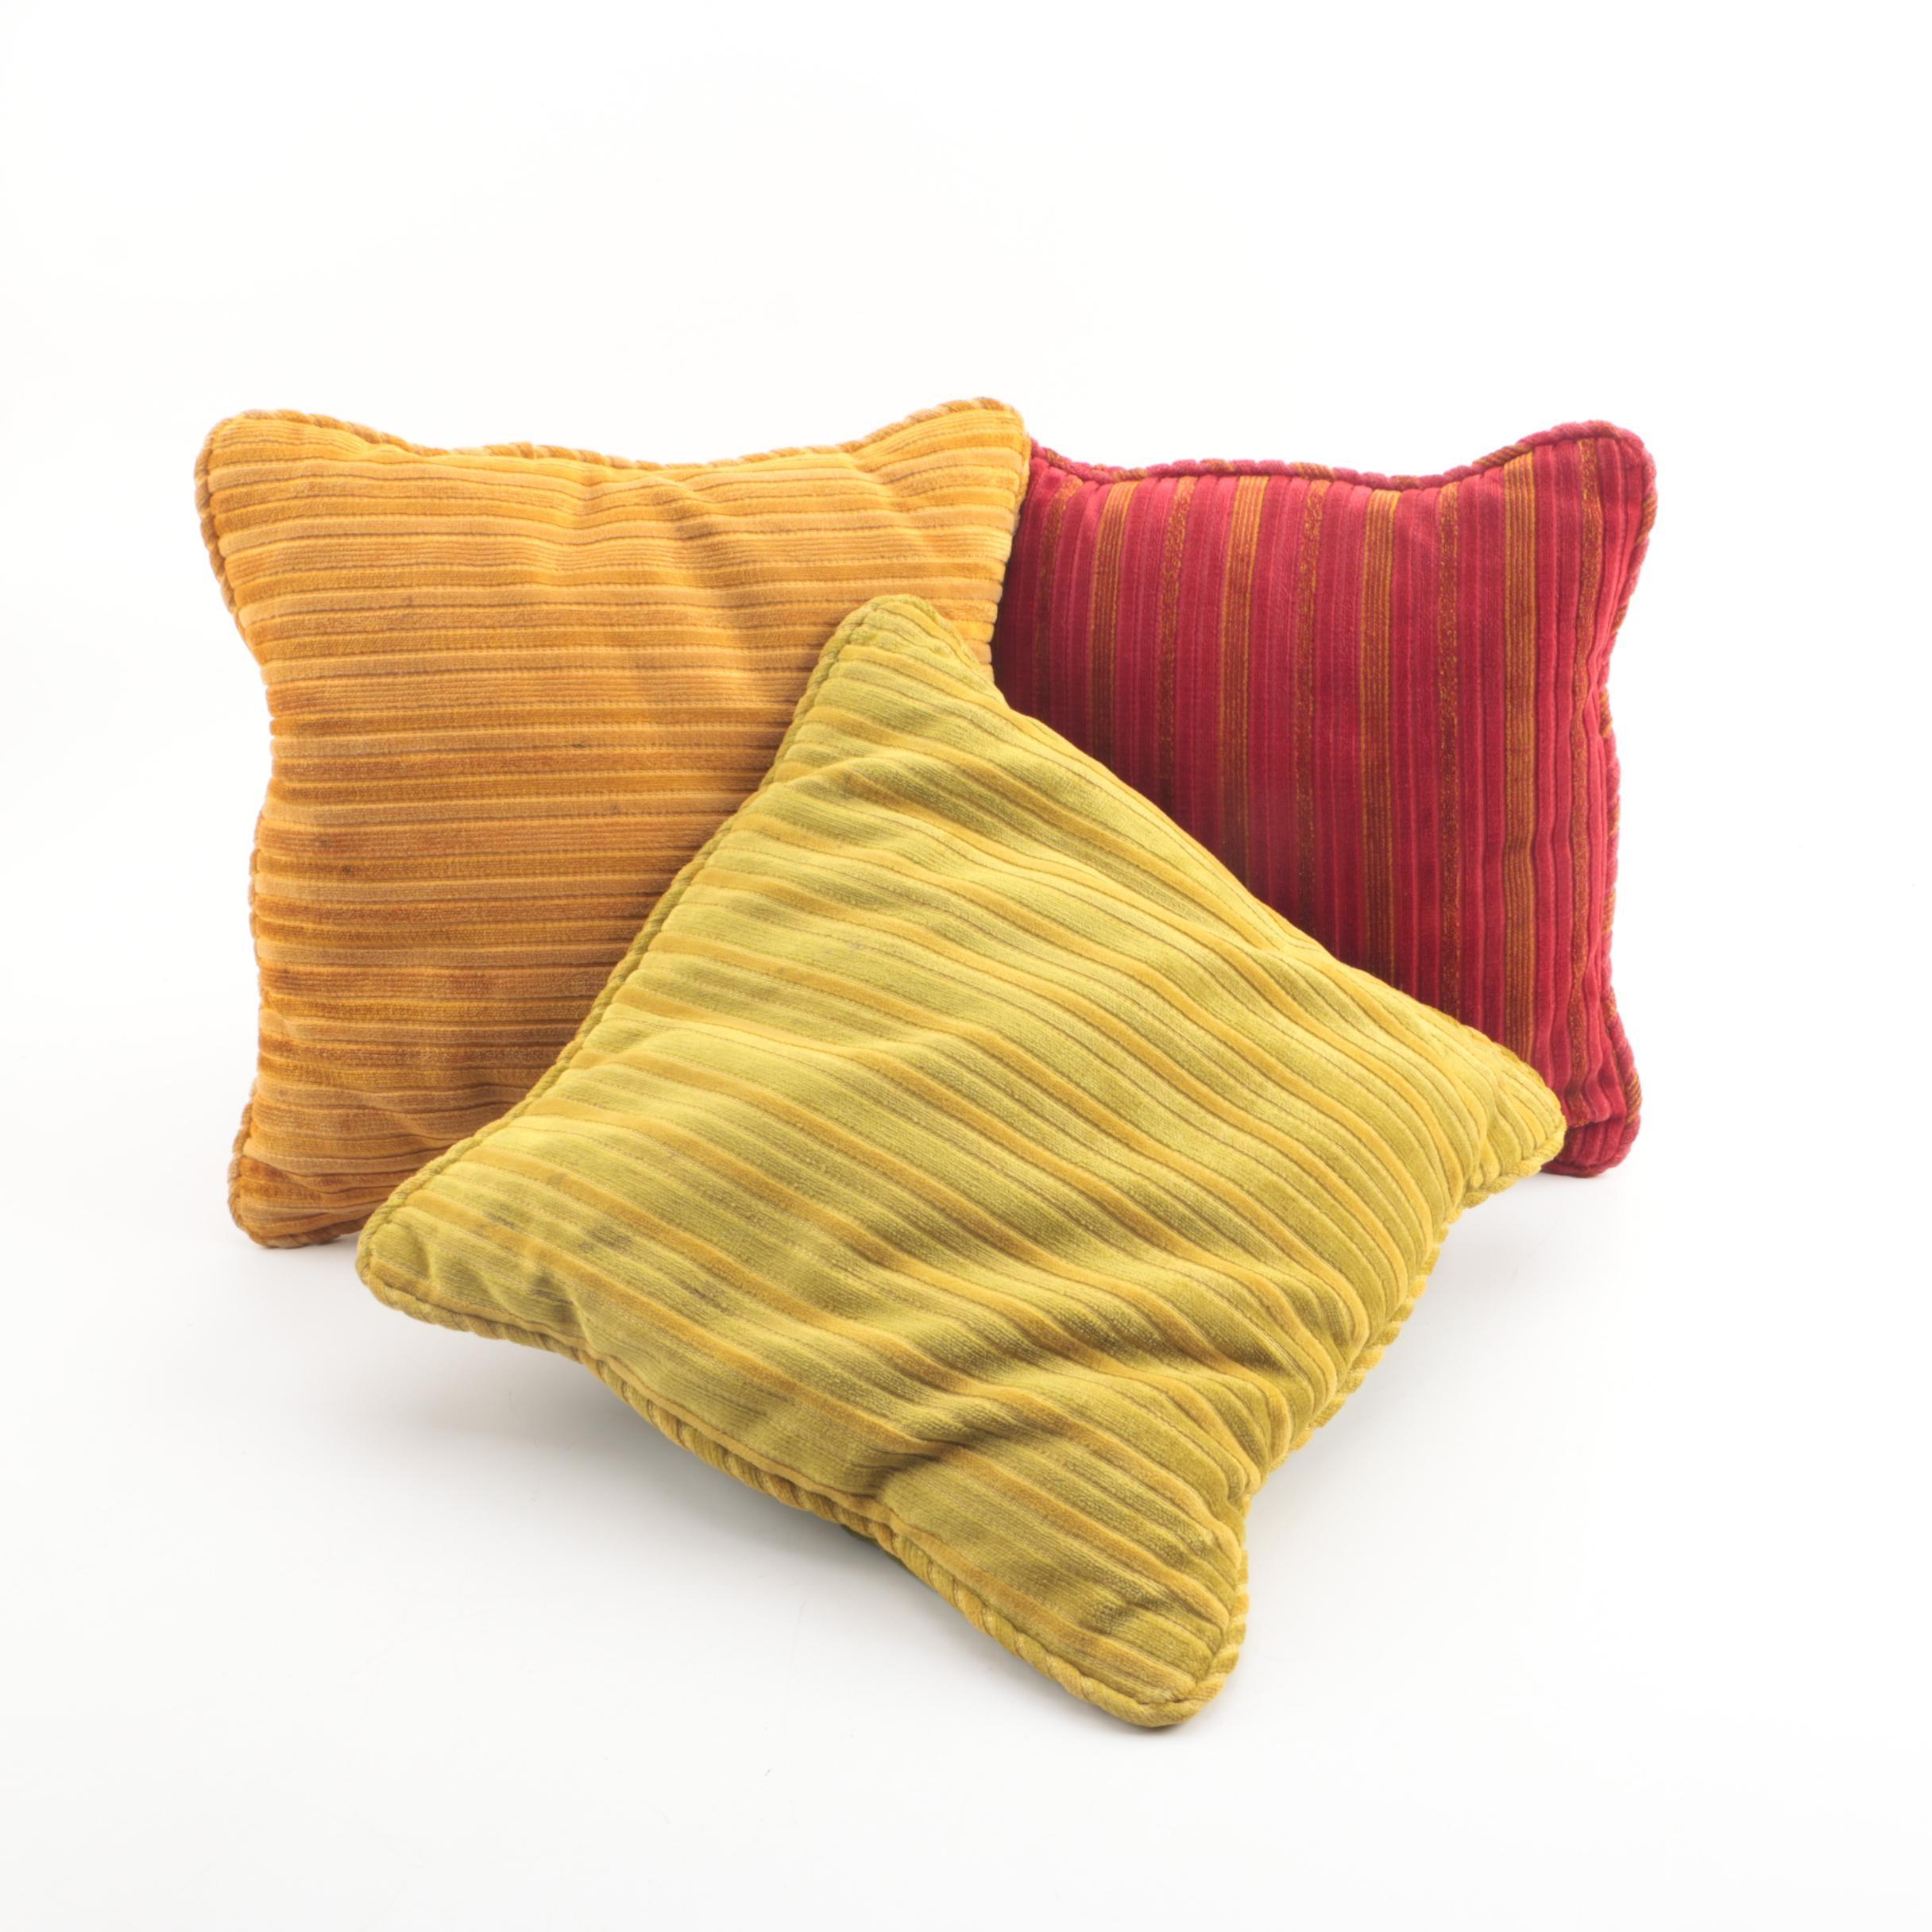 Colorful Corduroy Throw Pillows